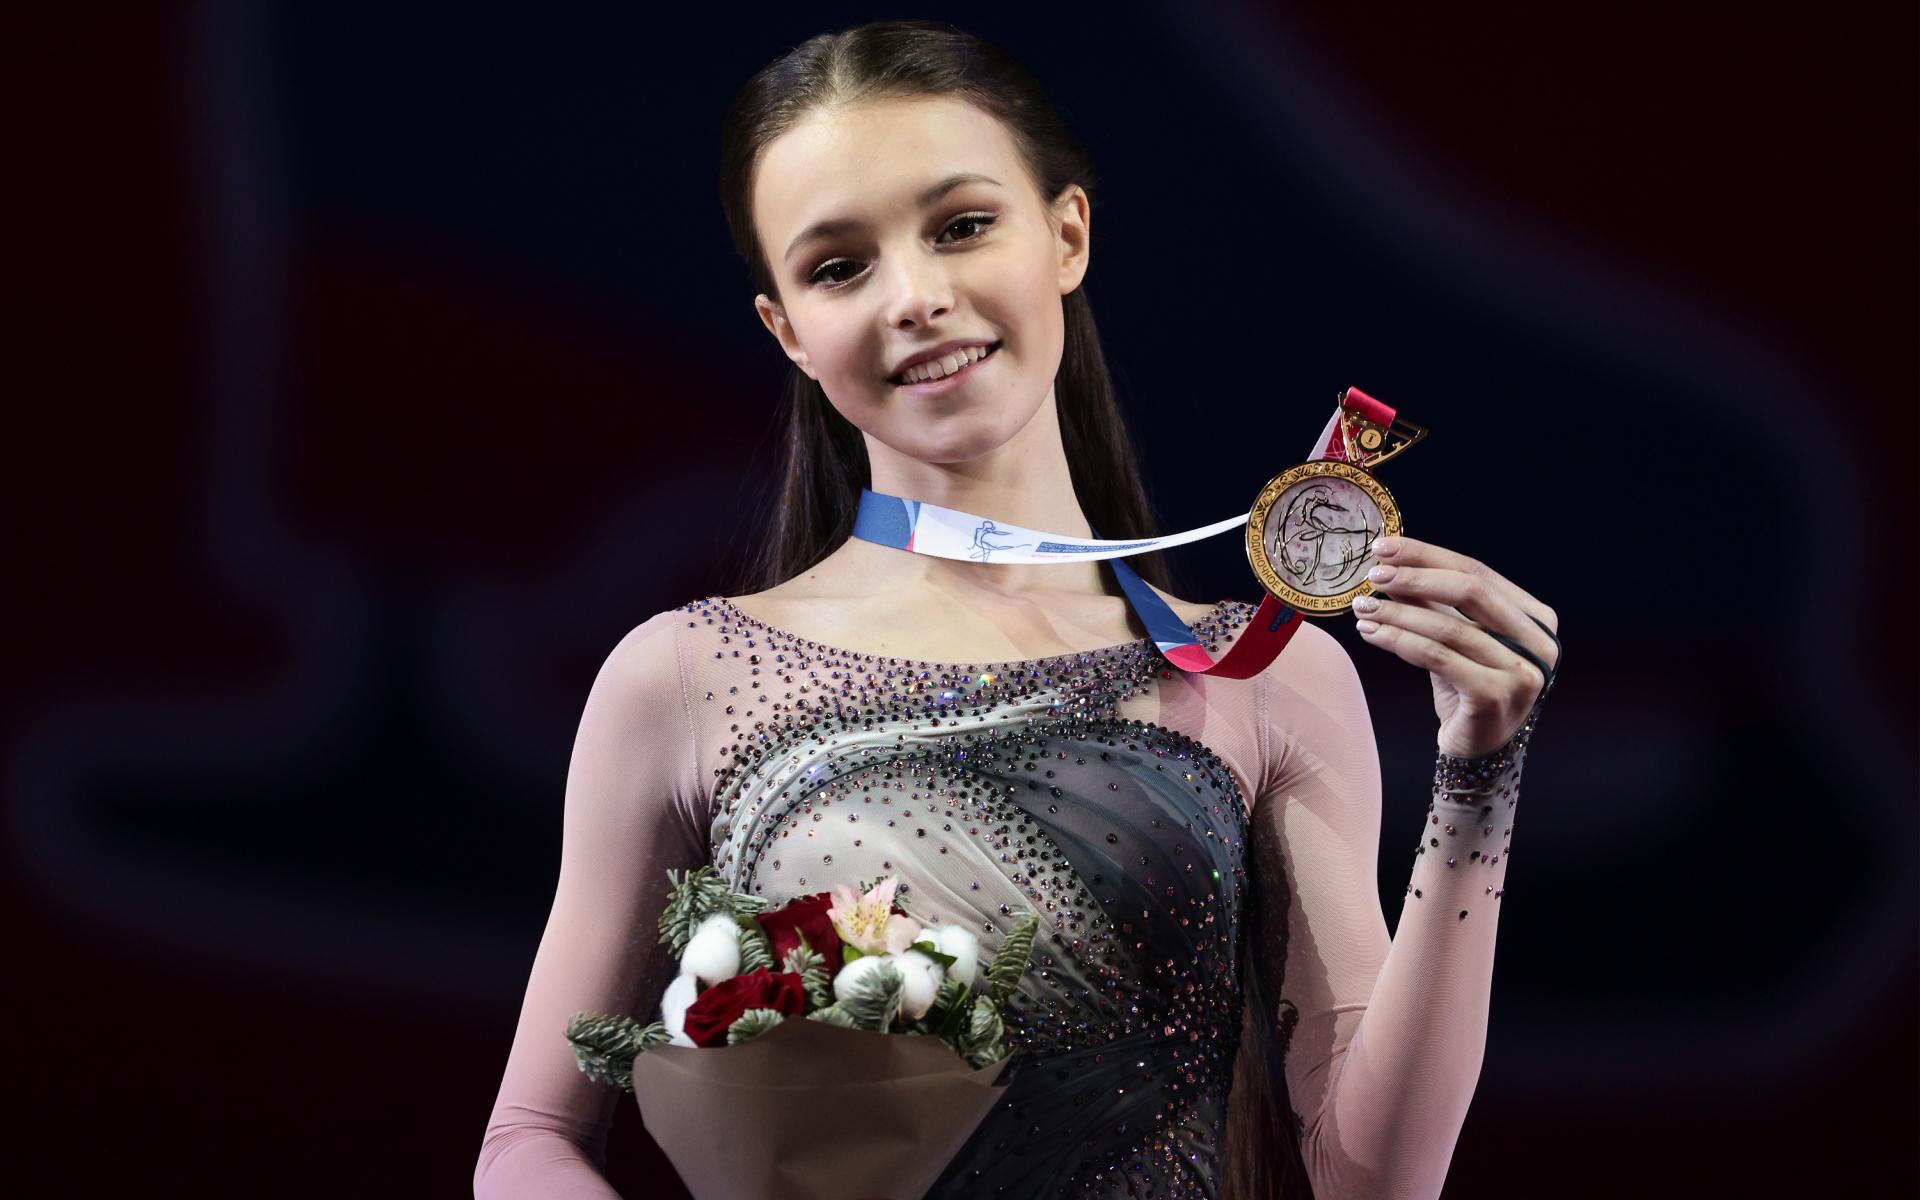 Трехкратная чемпионка России по фигурному катанию Анна Щербакова